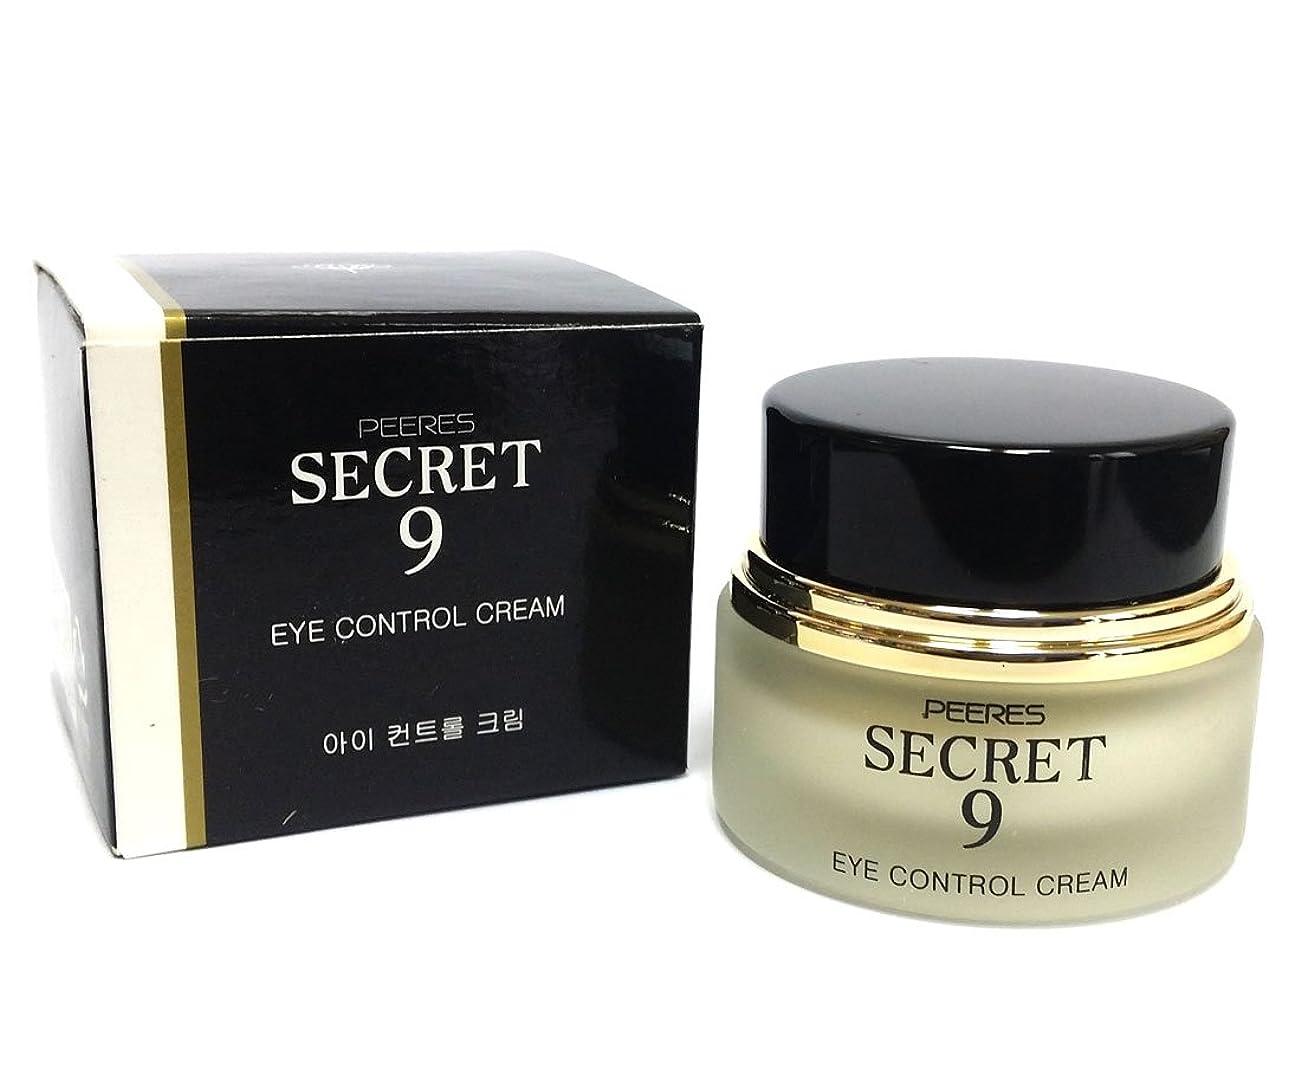 説得カーペット多様体[PEERES] シークレット9アイコントロールクリーム20g / Secret 9 Eye Control Cream 20g / しわ、しっとり、弾力、トリートメント/ anti-wrinkle, moisturizes, elasticity, Treatment / 韓国化粧品 / Korean Cosmetics [並行輸入品]